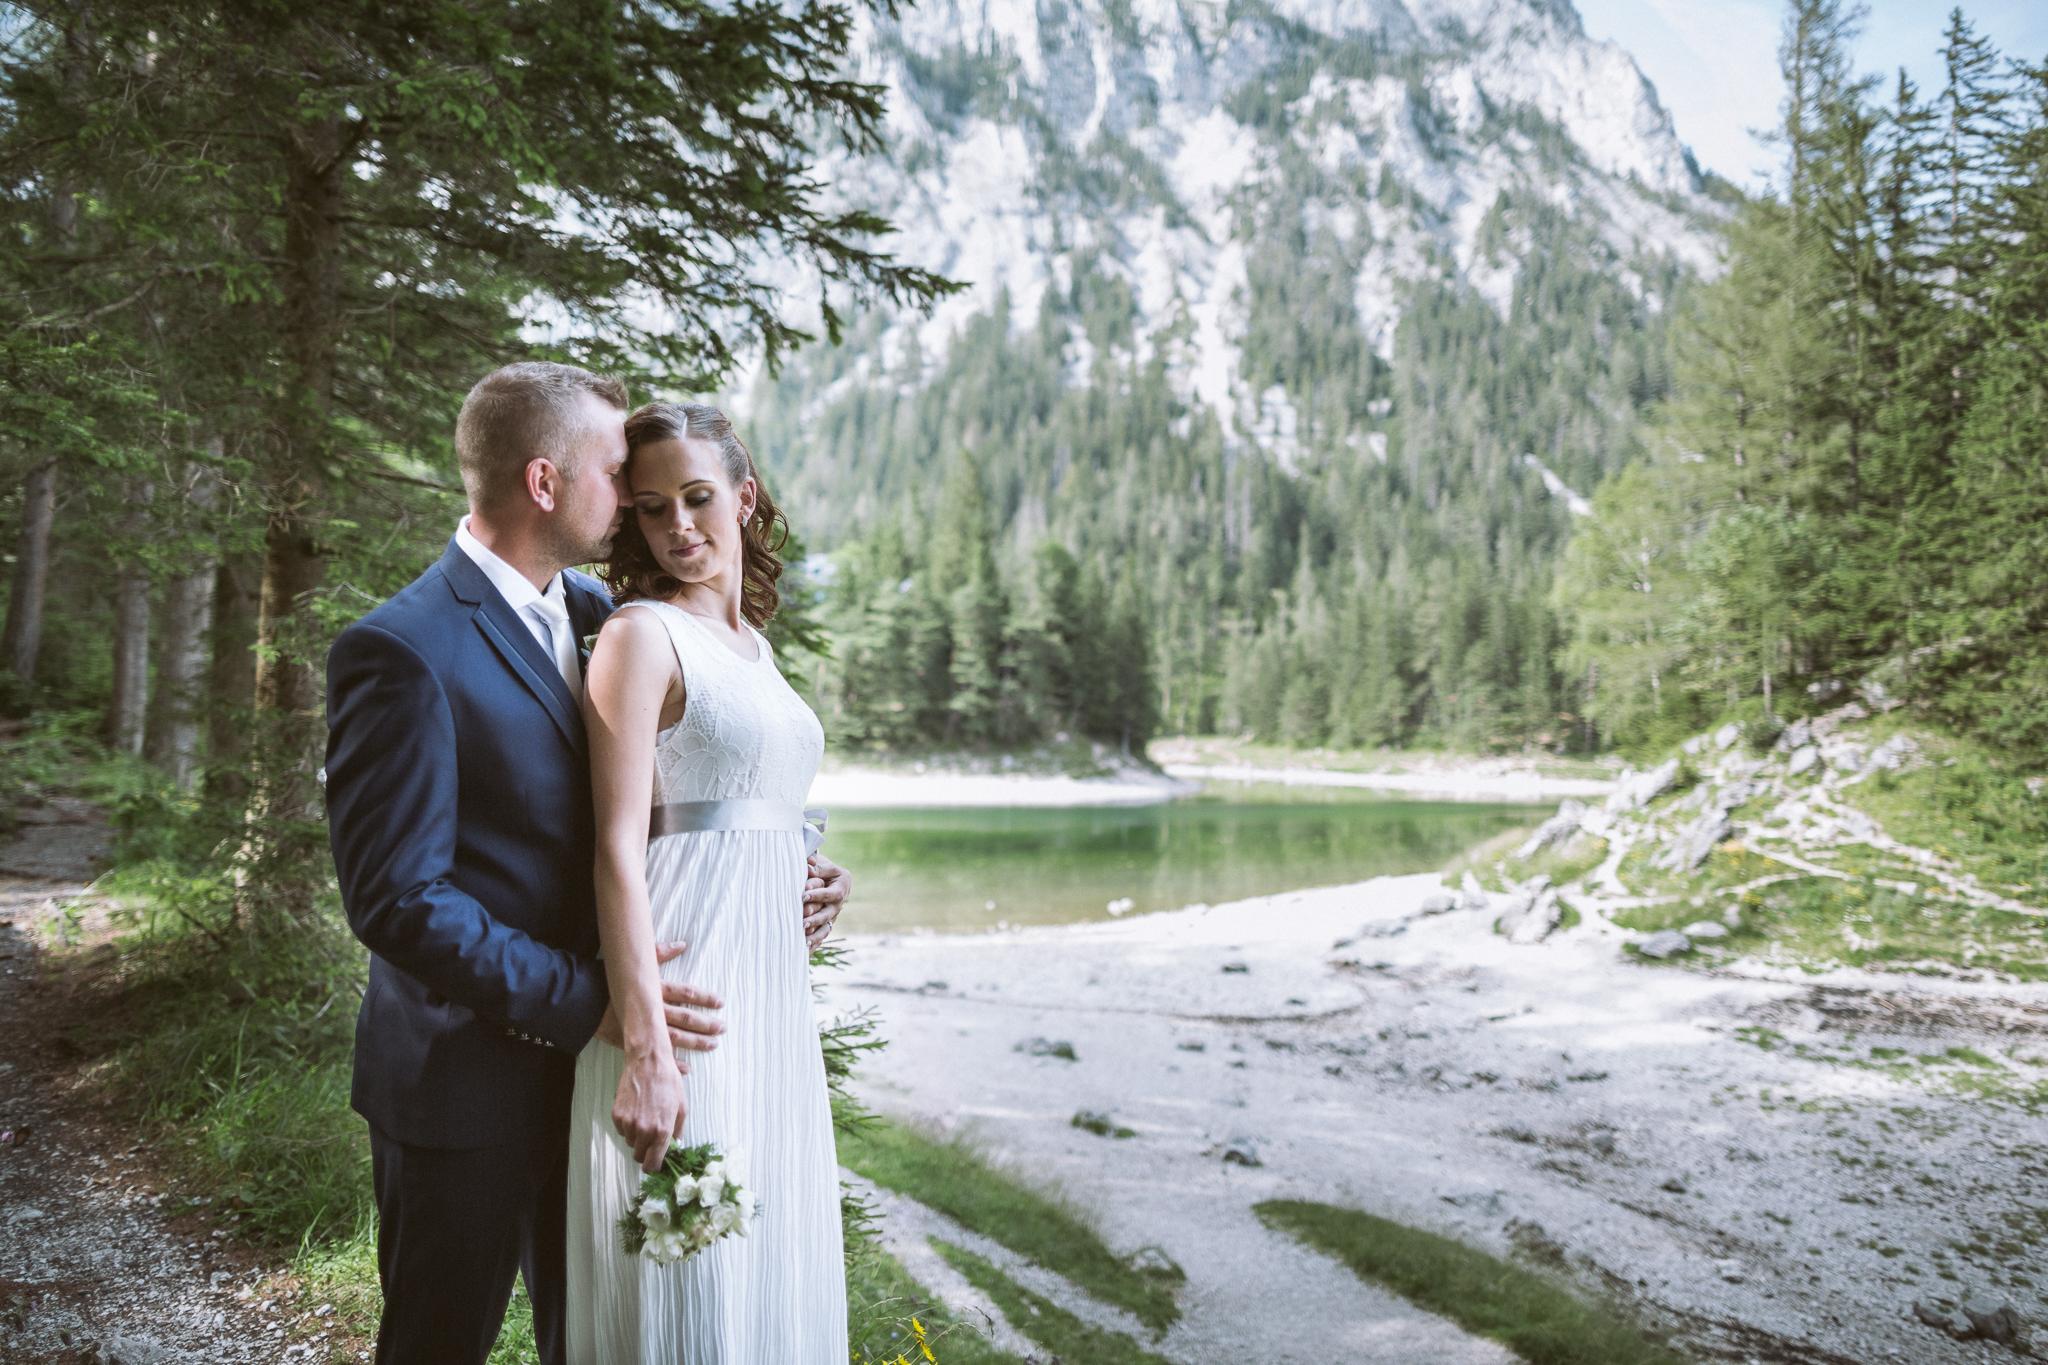 FylepPhoto, esküvőfotózás, magyarország, esküvői fotós, vasmegye, prémium, jegyesfotózás, Fülöp Péter, körmend, kreatív, grüner see_31.jpg